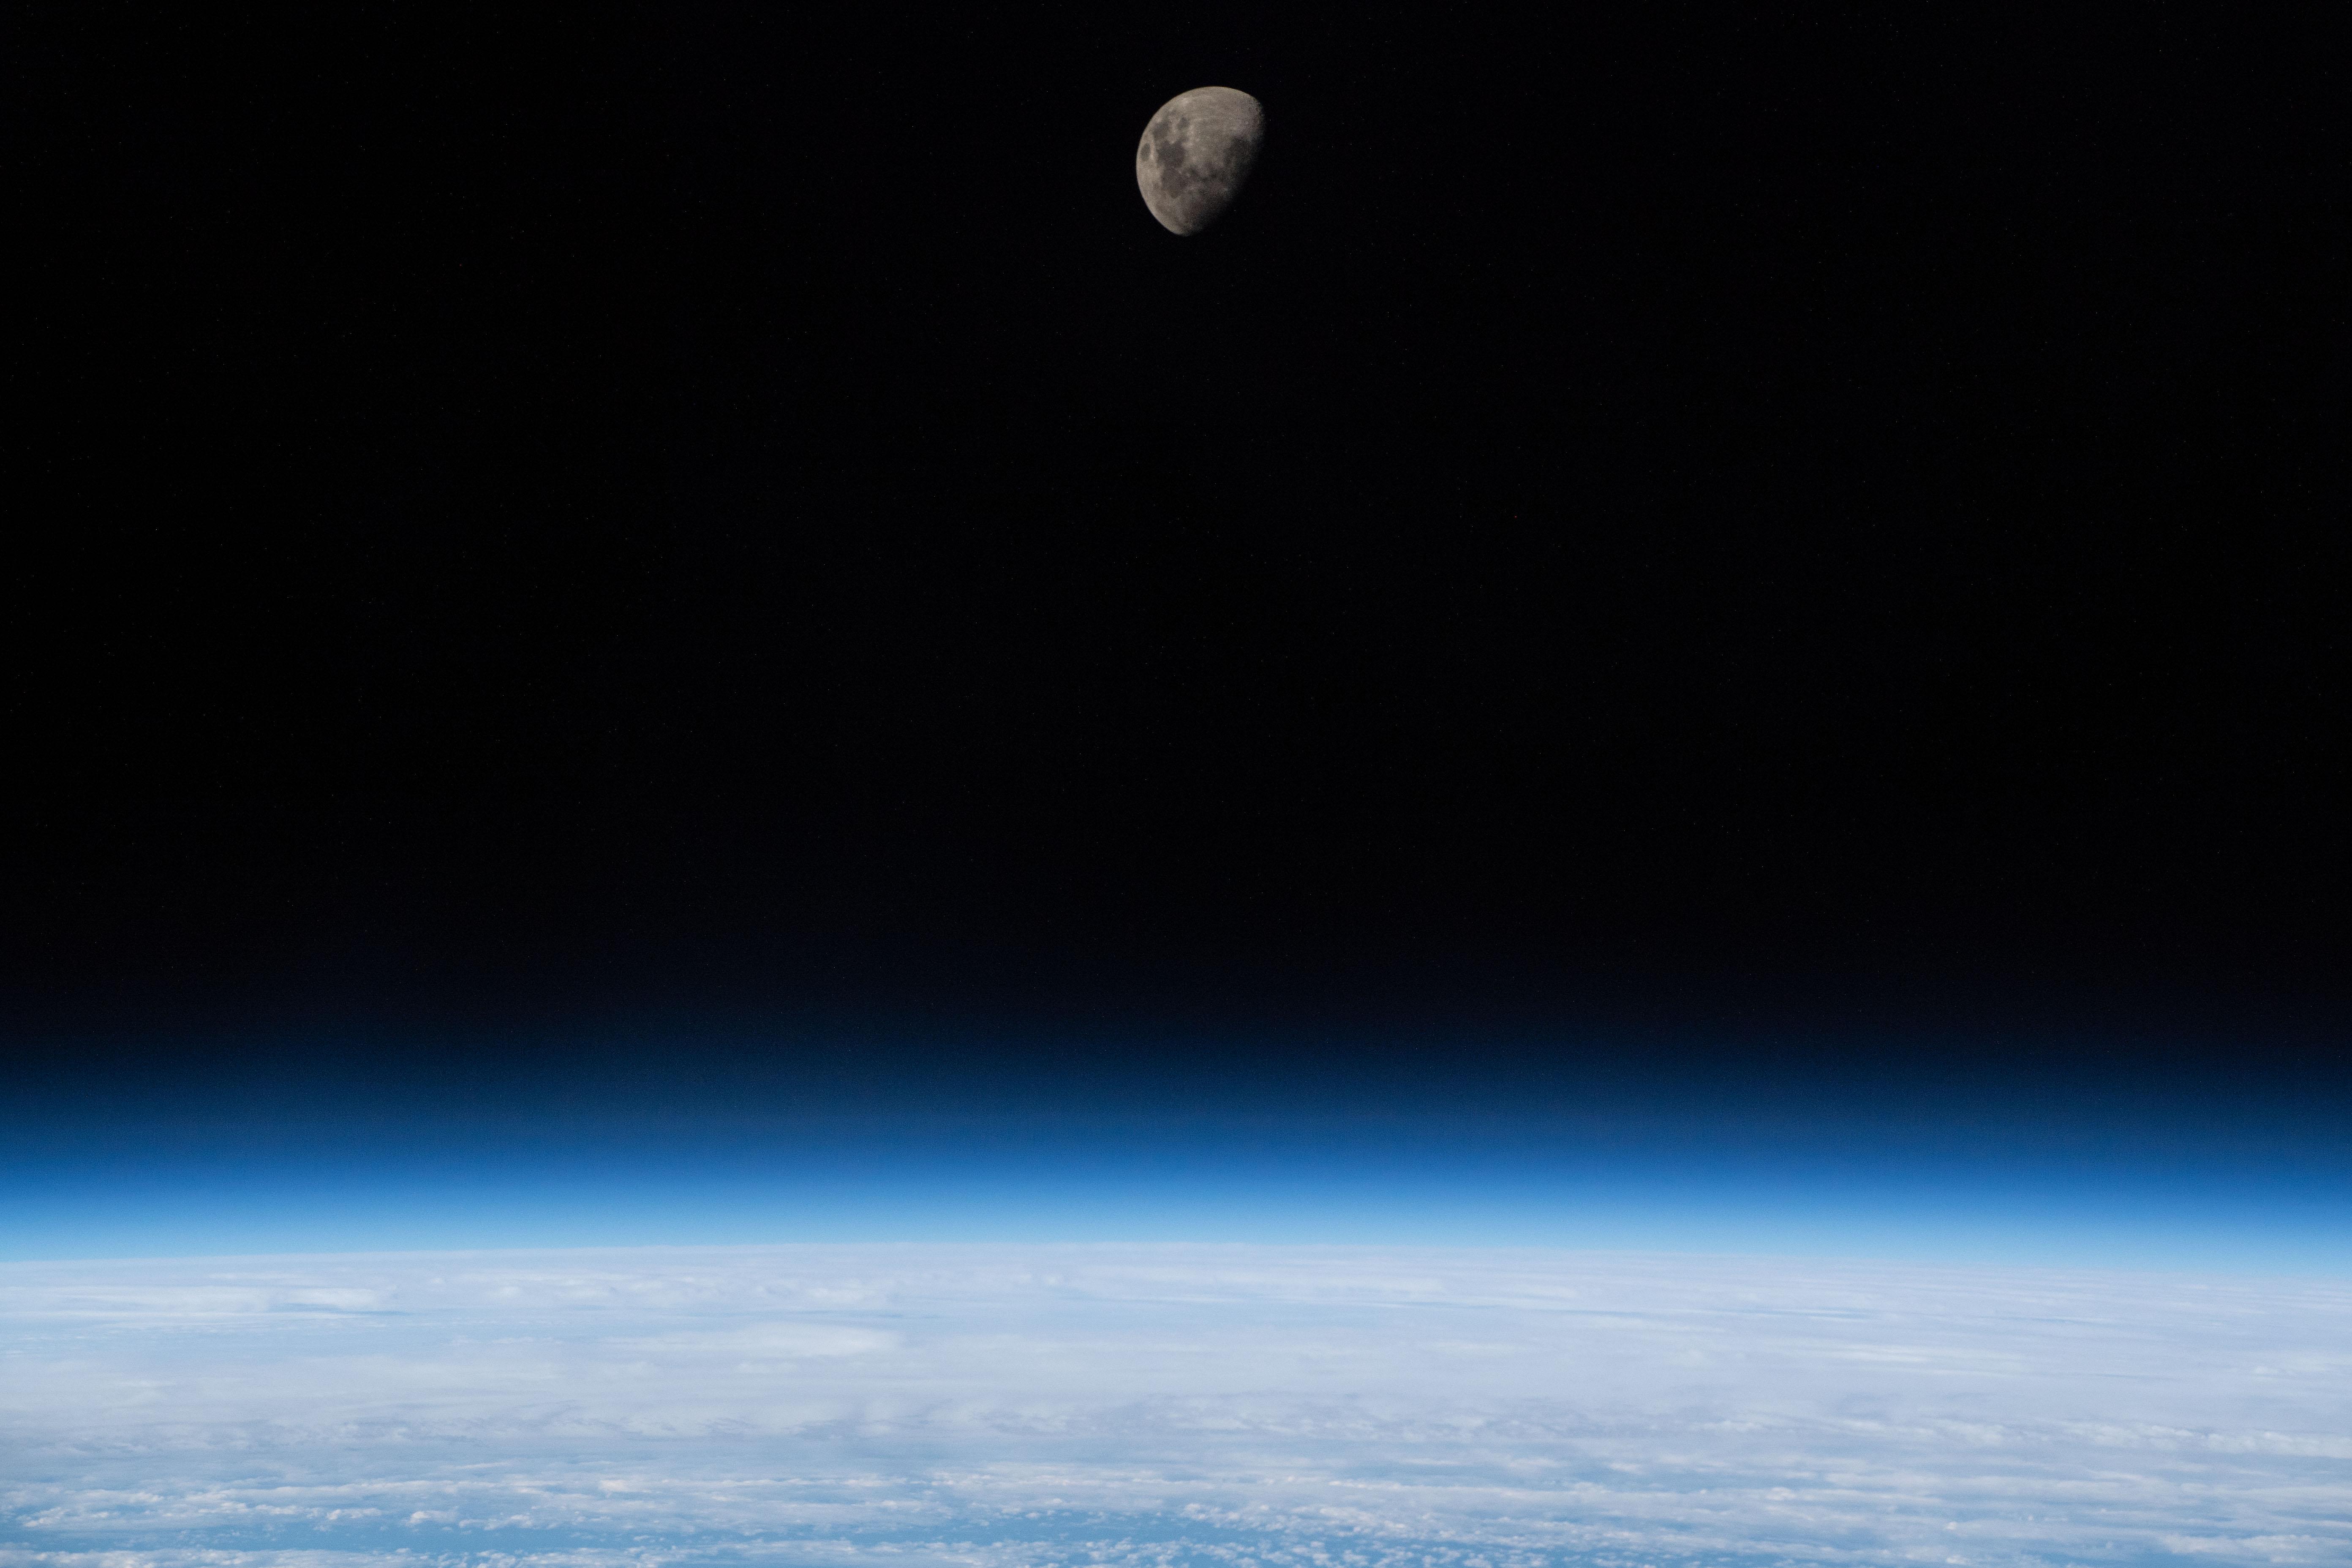 القمر فوق أطراف الأرض بينما كانت محطة الفضاء الدولية تدور على مسافة 266 ميلا فوق جنوب المحيط الأطلسي